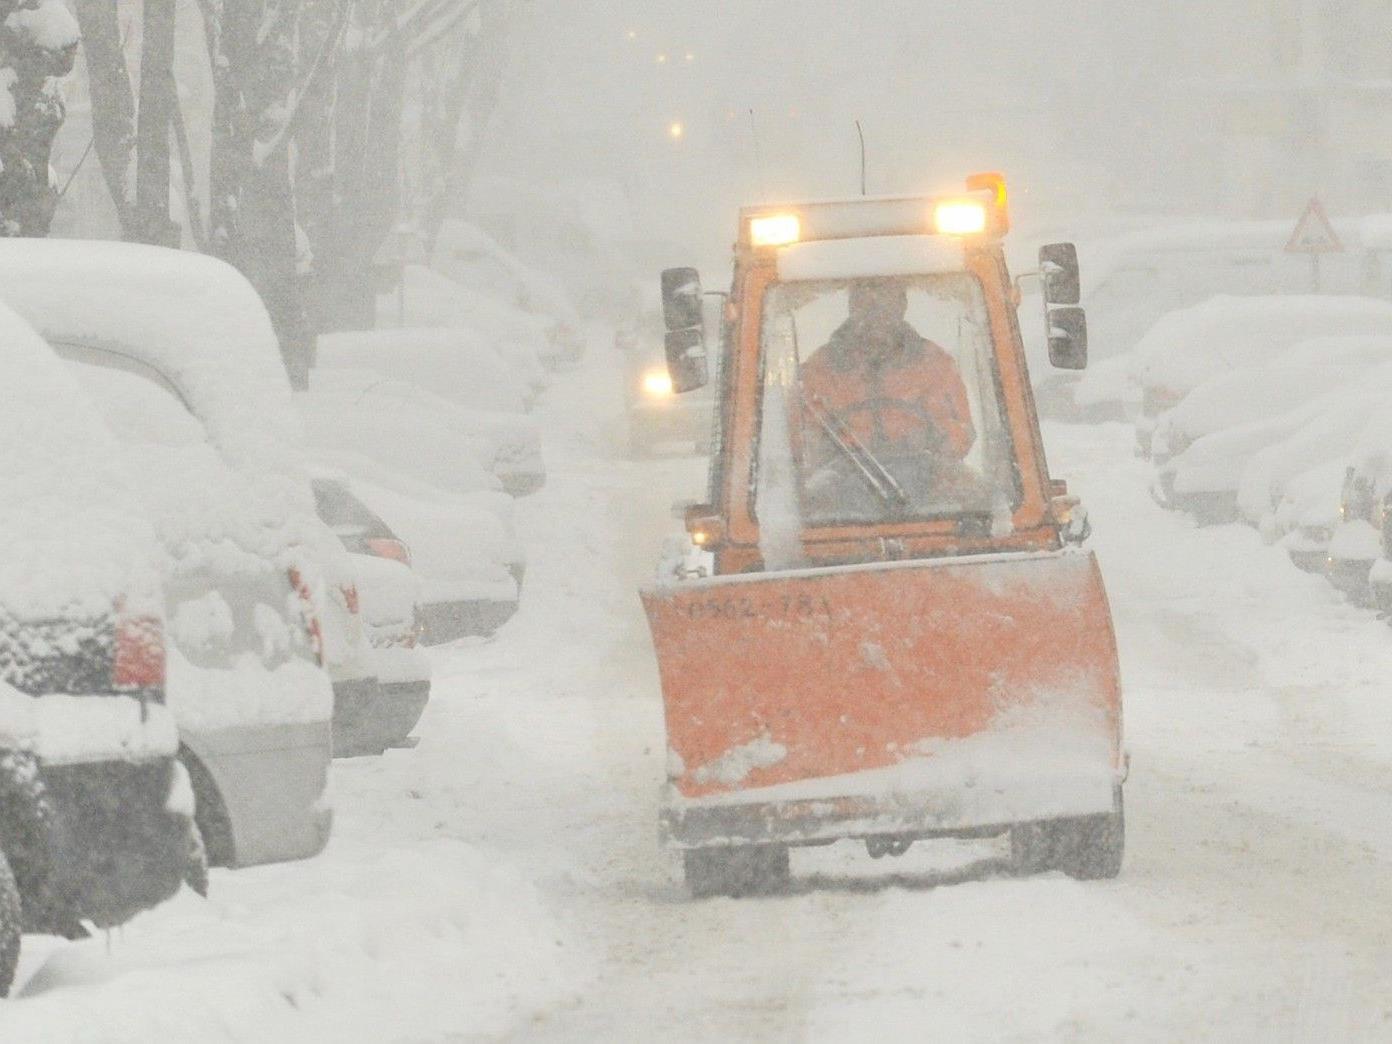 DIE MA 48 ist für den bevorstehenden Winter in Wien gerüstet.